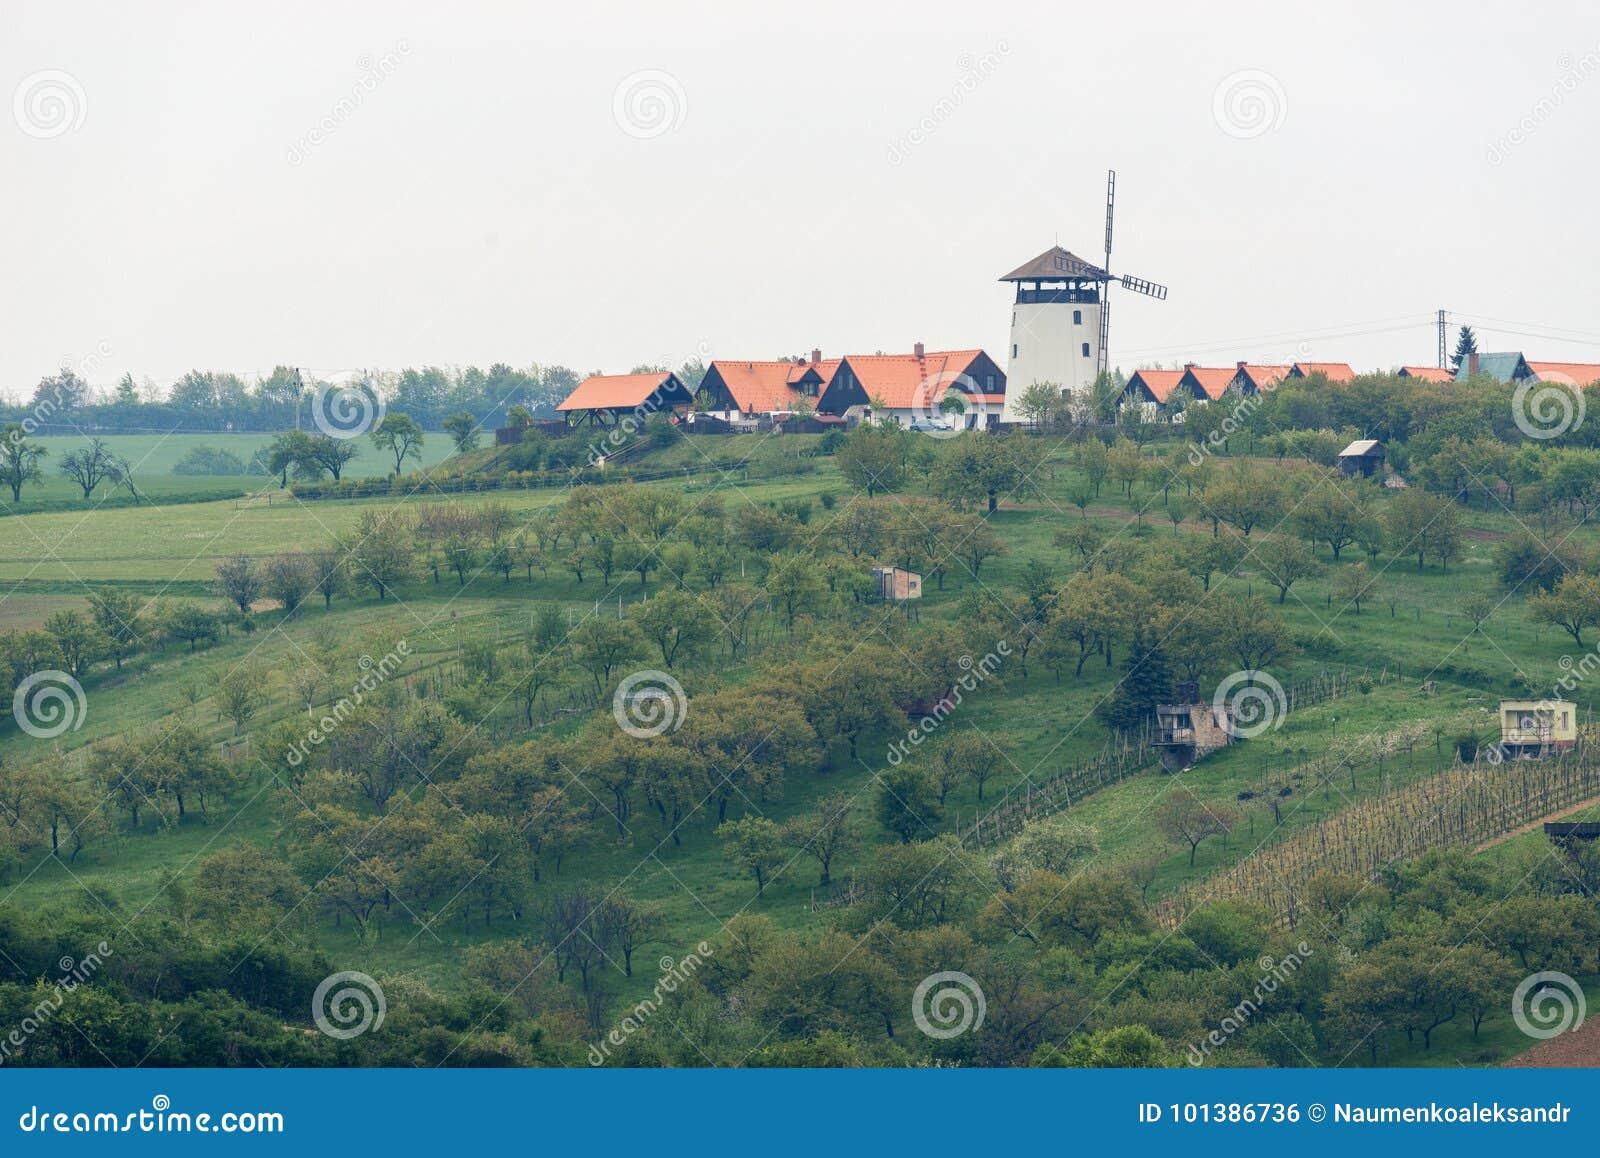 Windmühle in Bukovany, Süd-Moray, Tschechische Republik